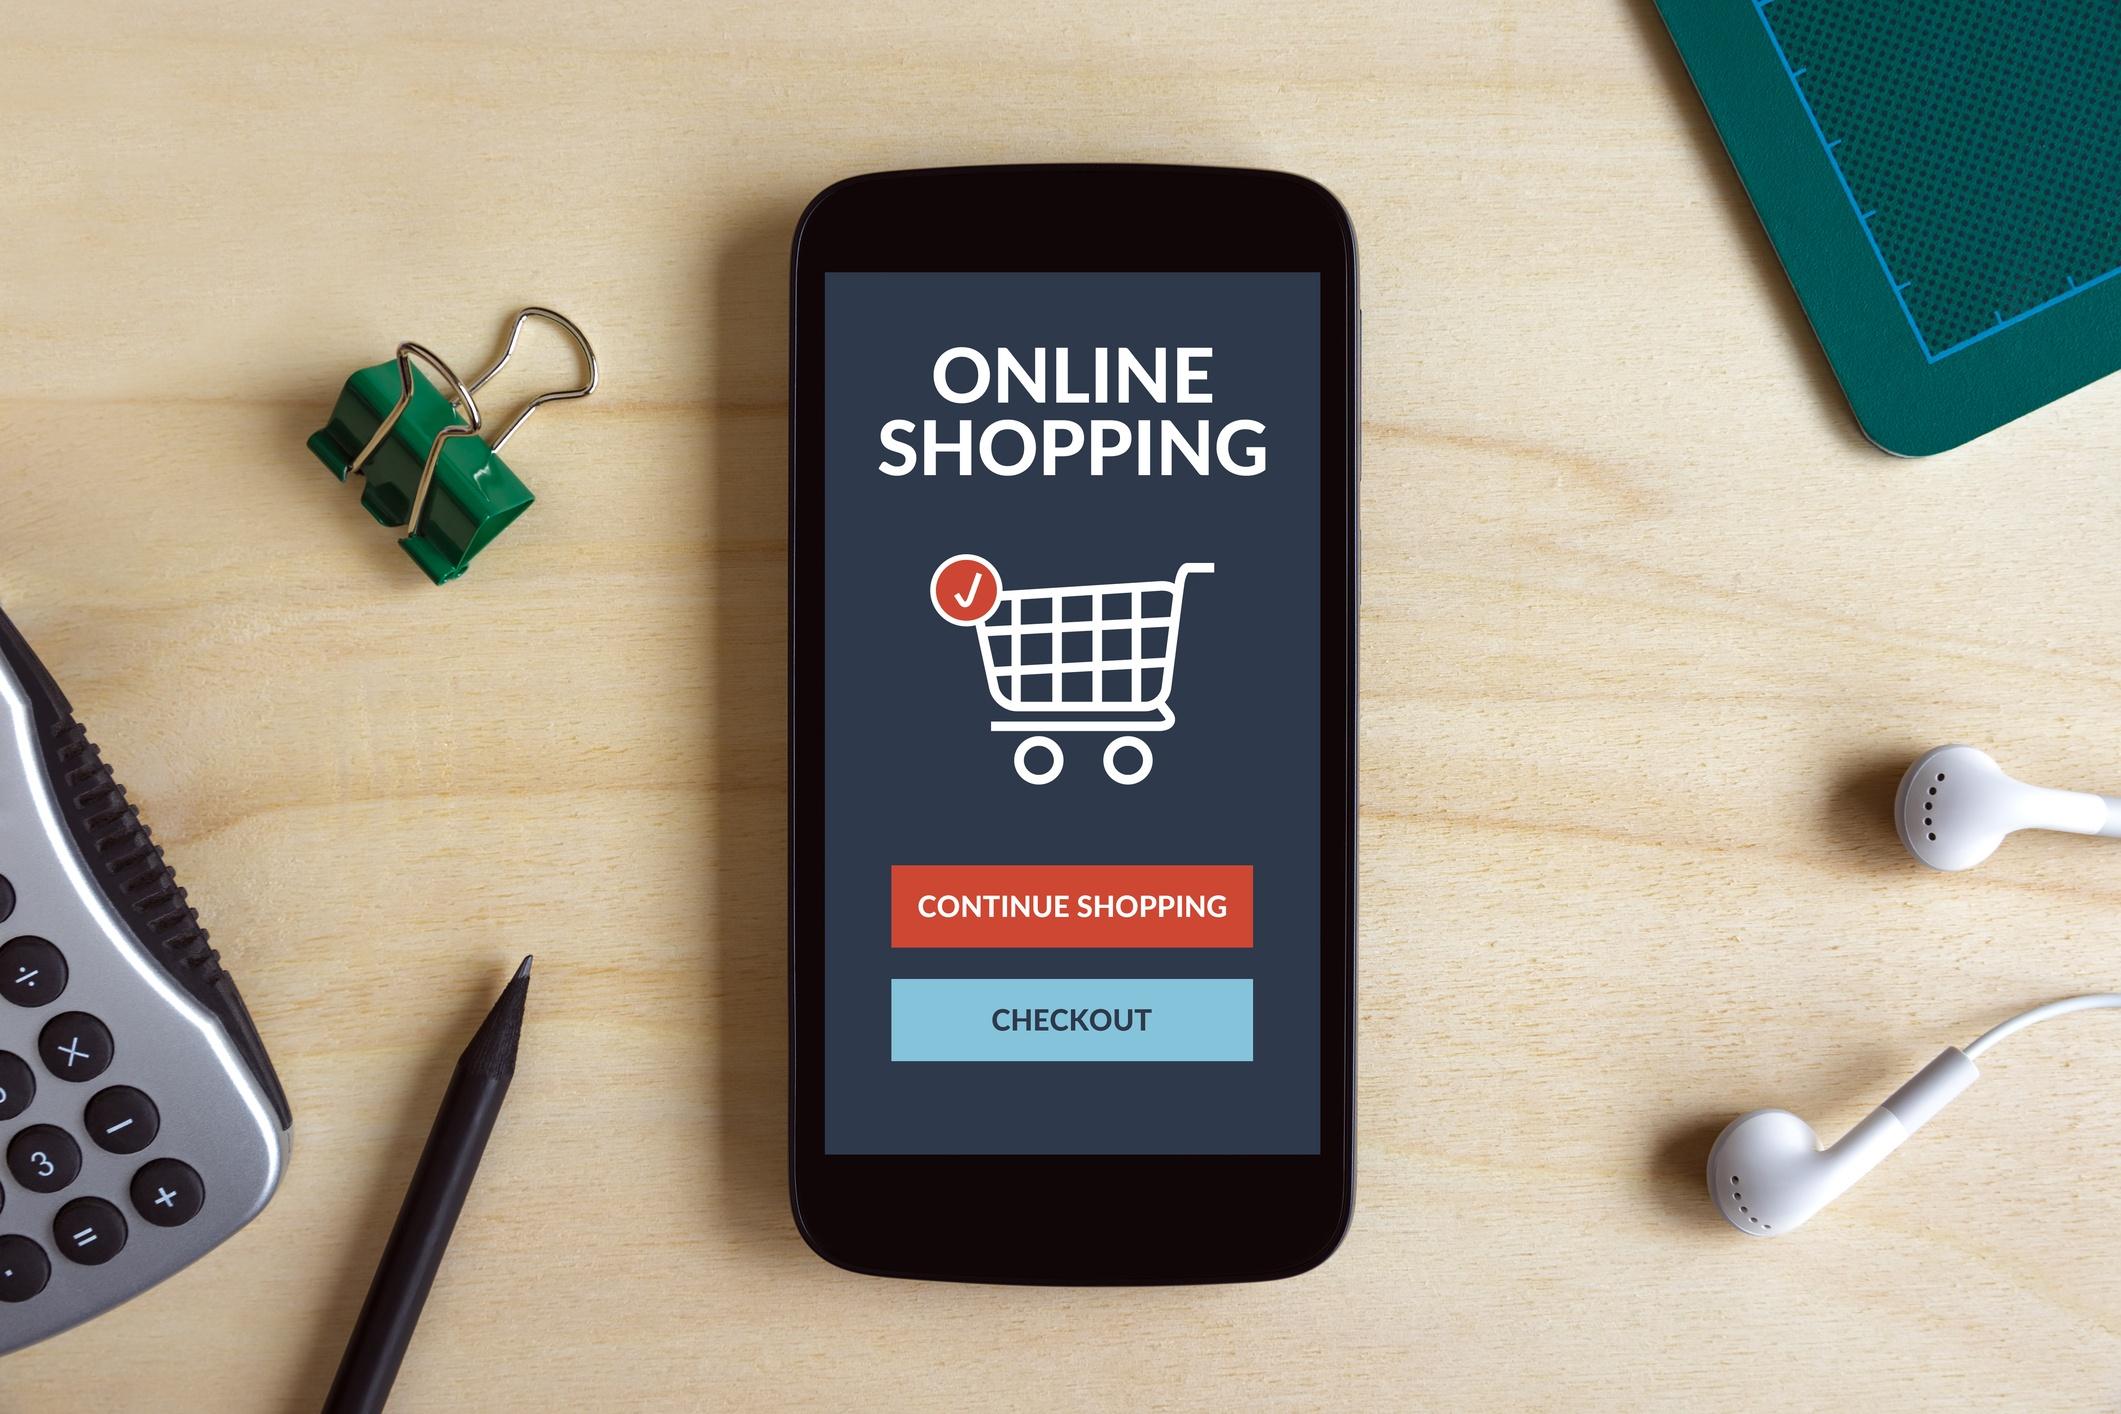 4-ways-to-decrease-shopping-cart-abandonment-using-social-media-this-holiday-season.jpg